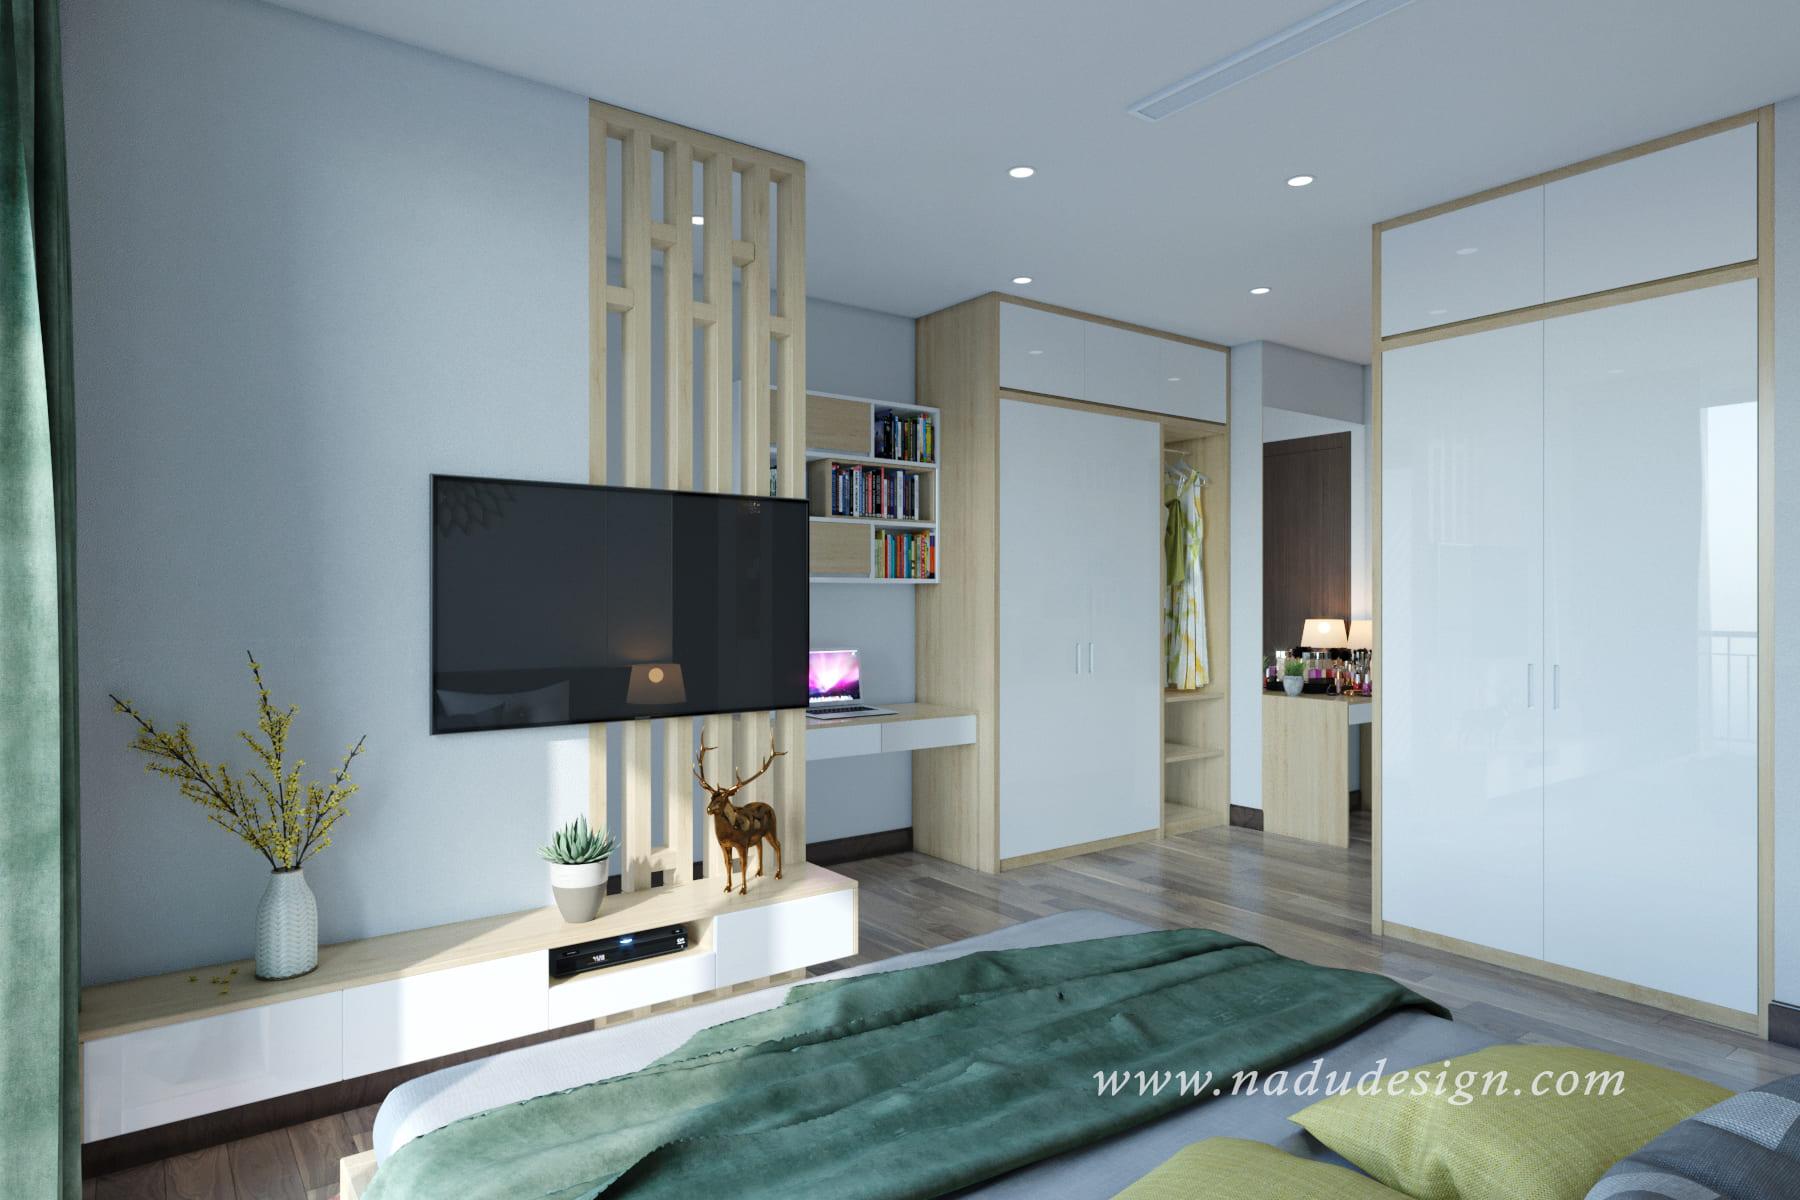 Mẫu thiết kế phòng ngủ master hiện đại